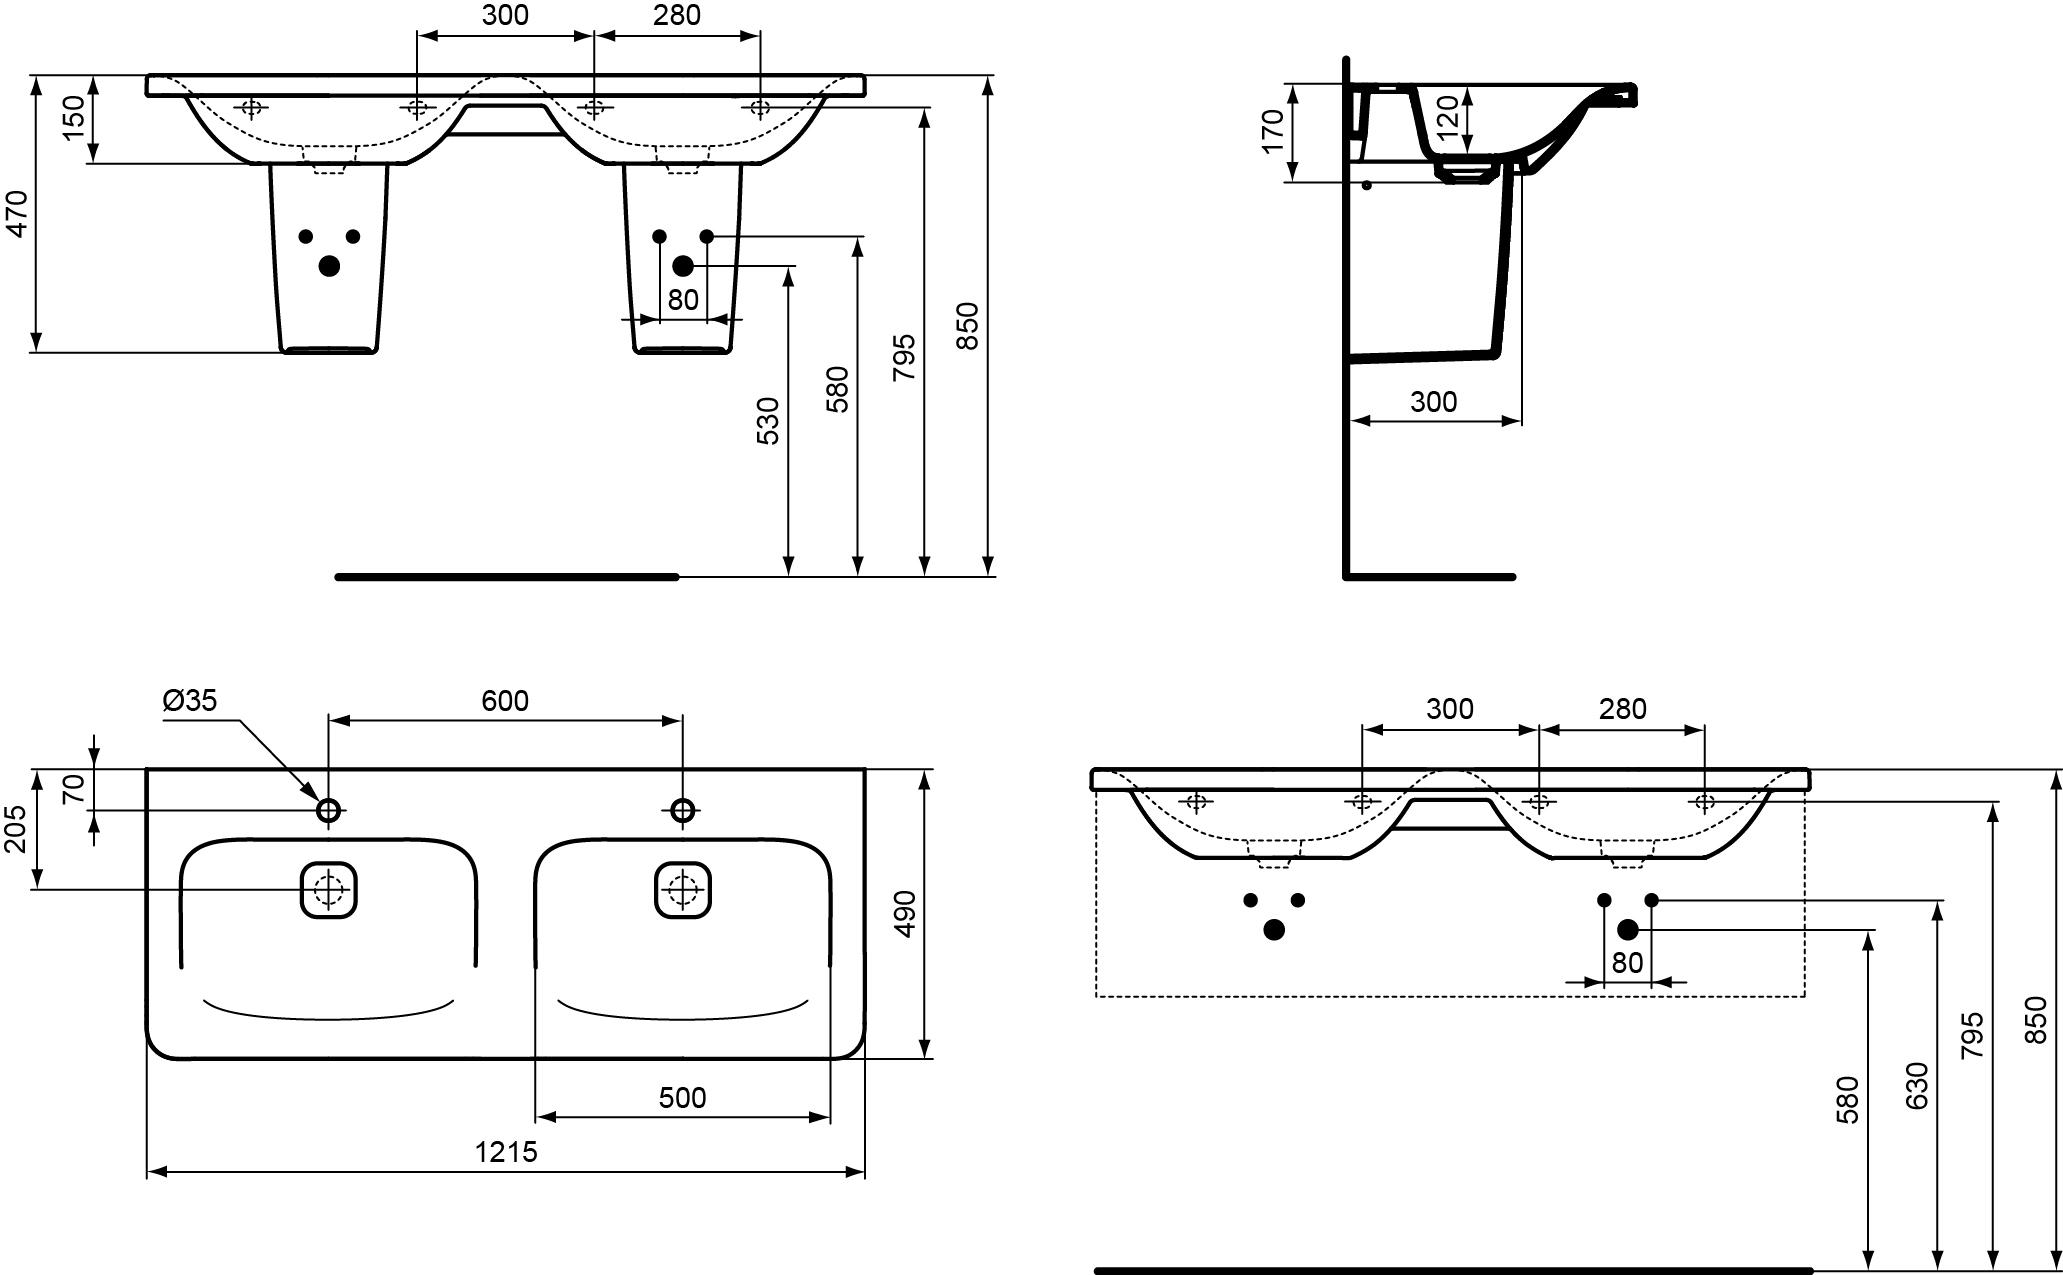 dubbele wastafel 1215 mm met 2 kraangaten zonder overloop